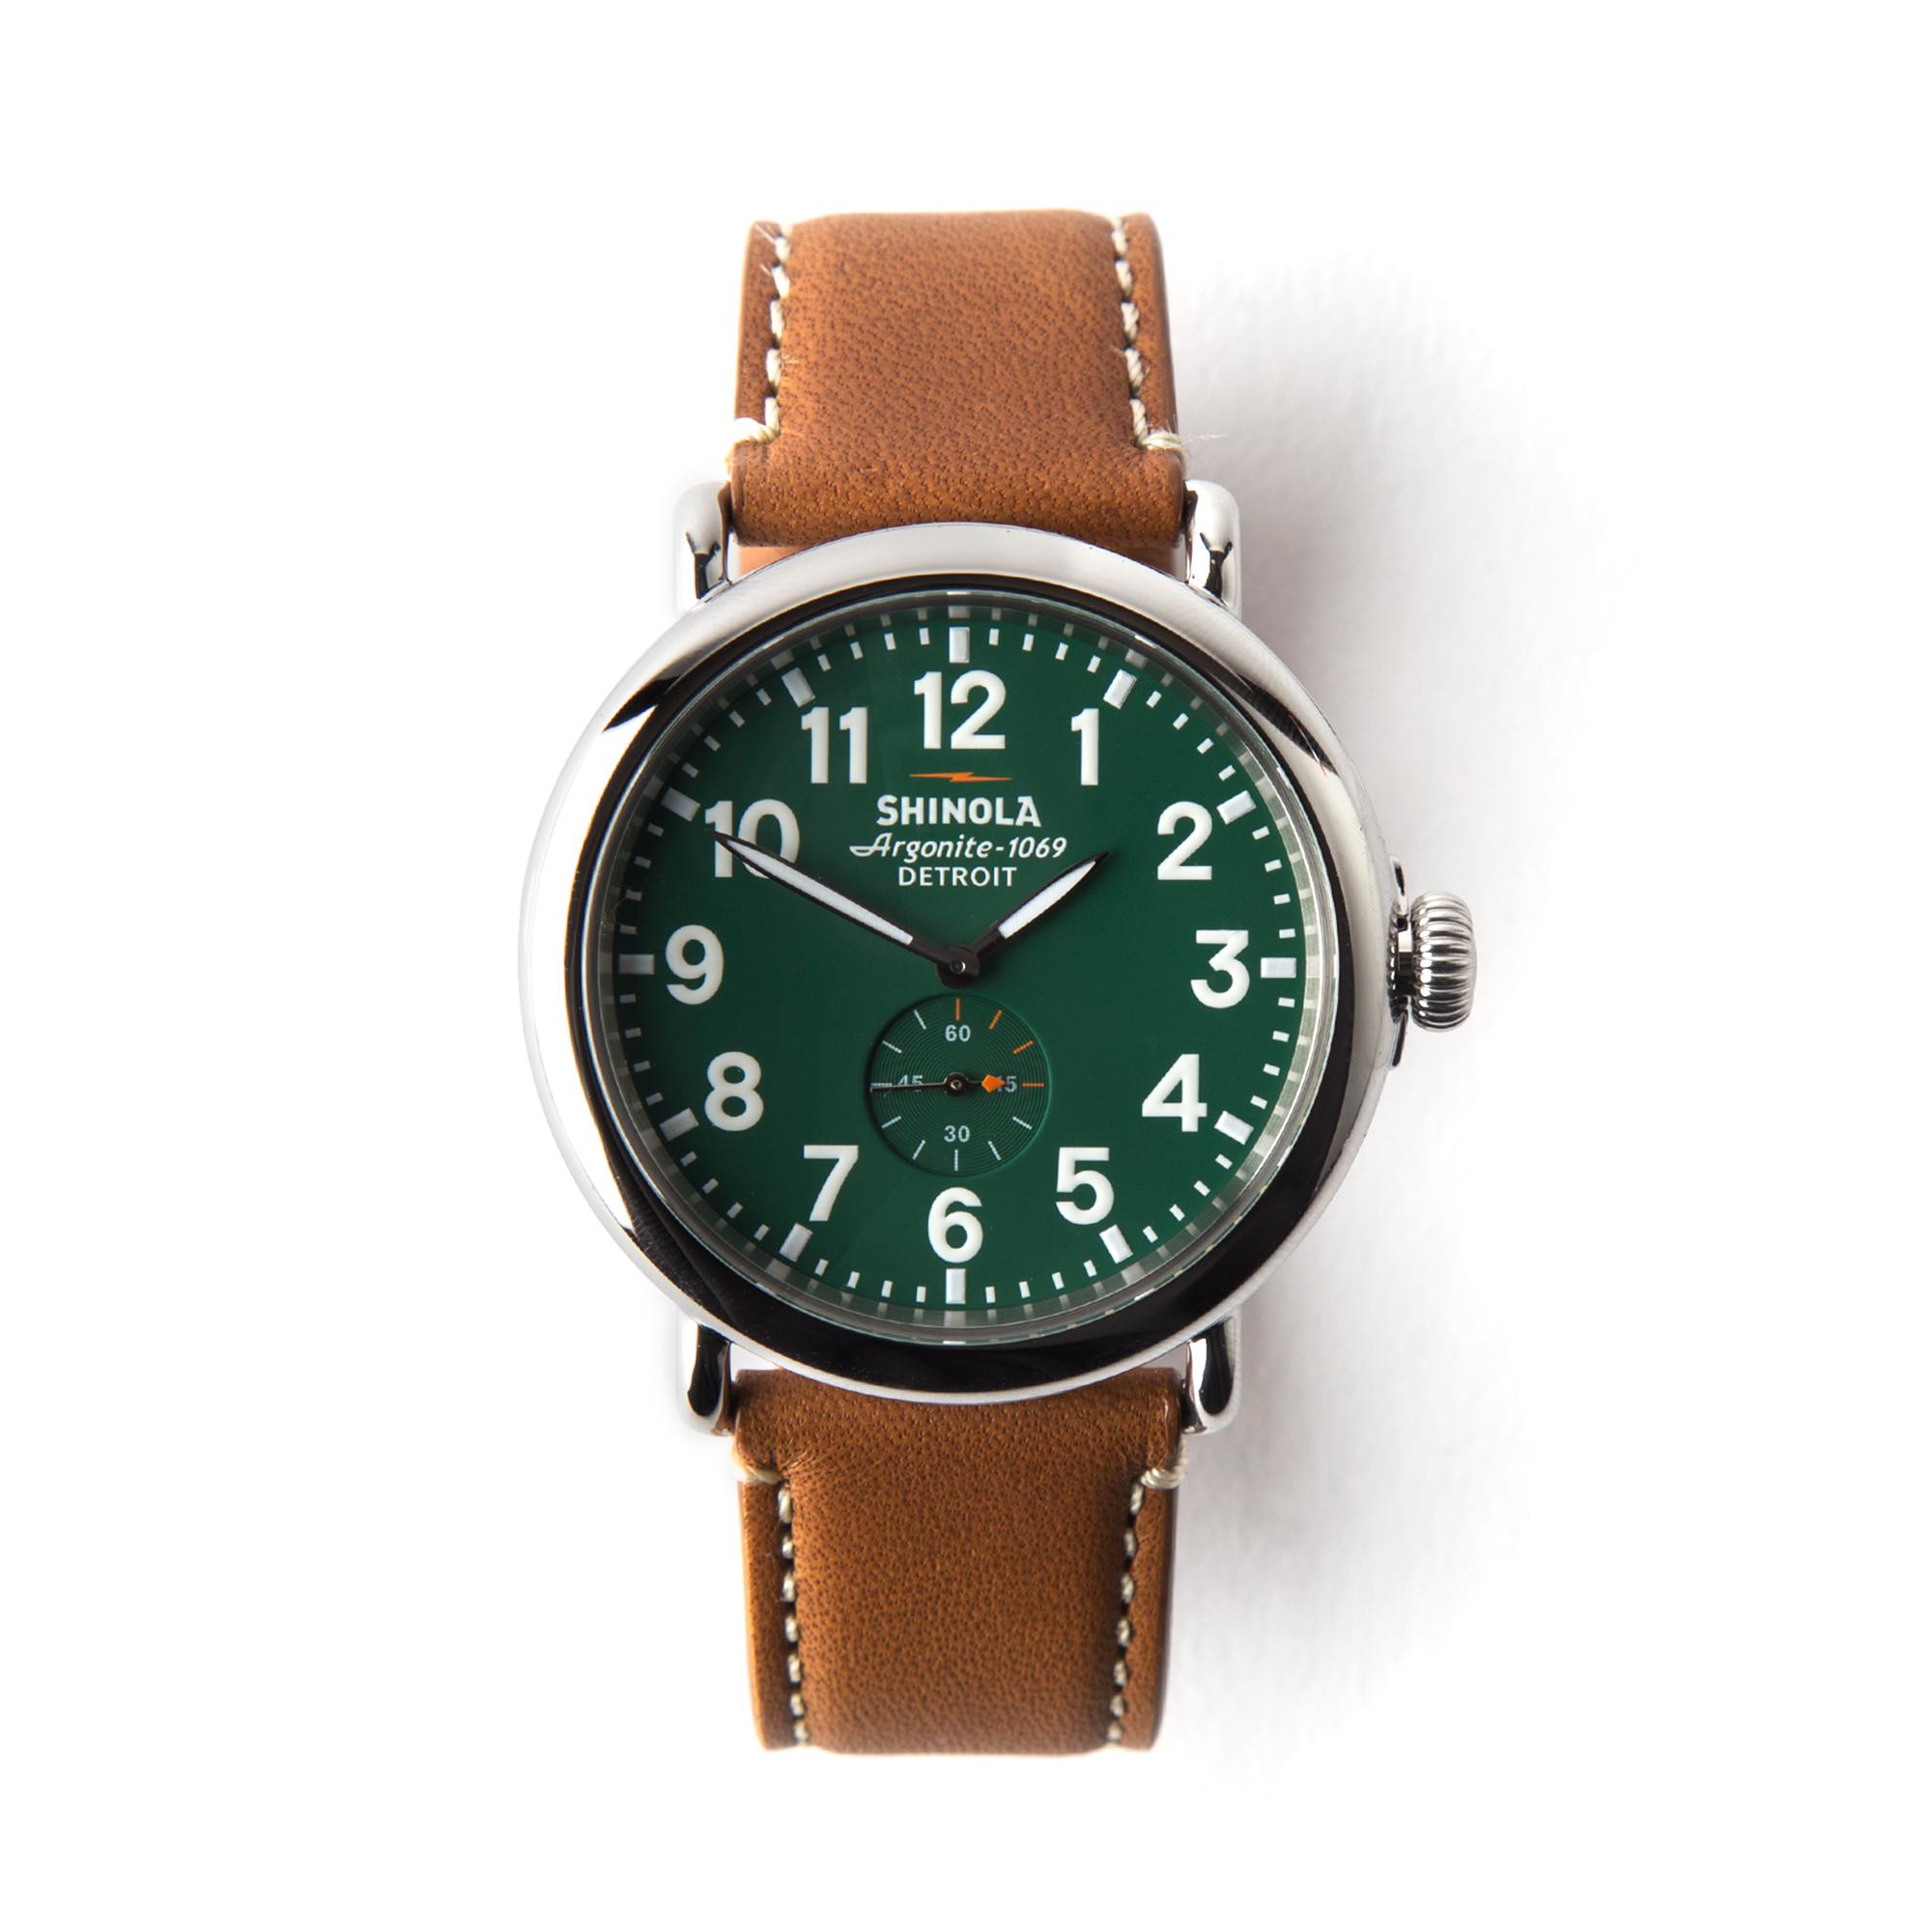 Shinola Watch Bands | Shinola Watch | Shinola Customer Service